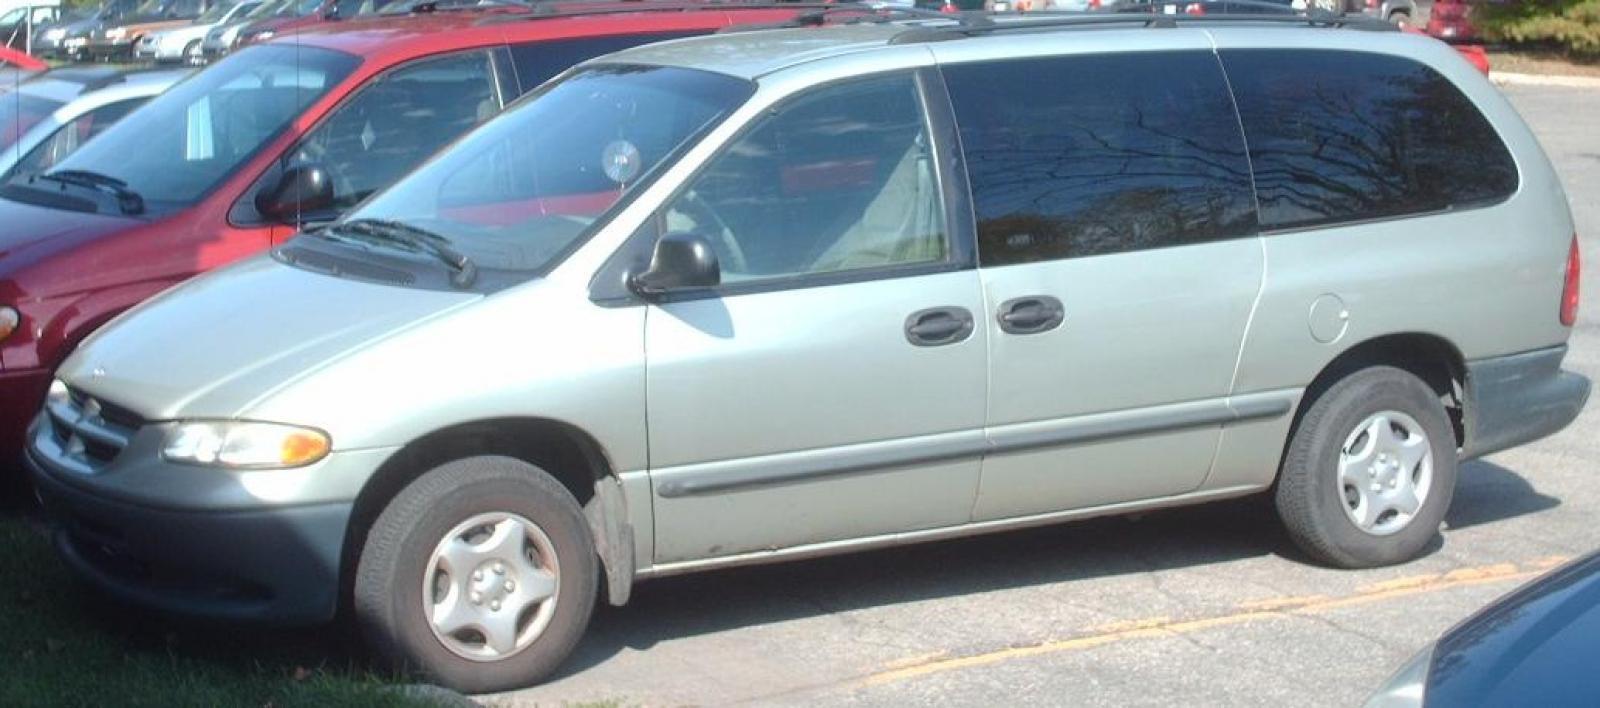 Dodge dodge 1999 caravan : 1999 Dodge Caravan - Information and photos - ZombieDrive